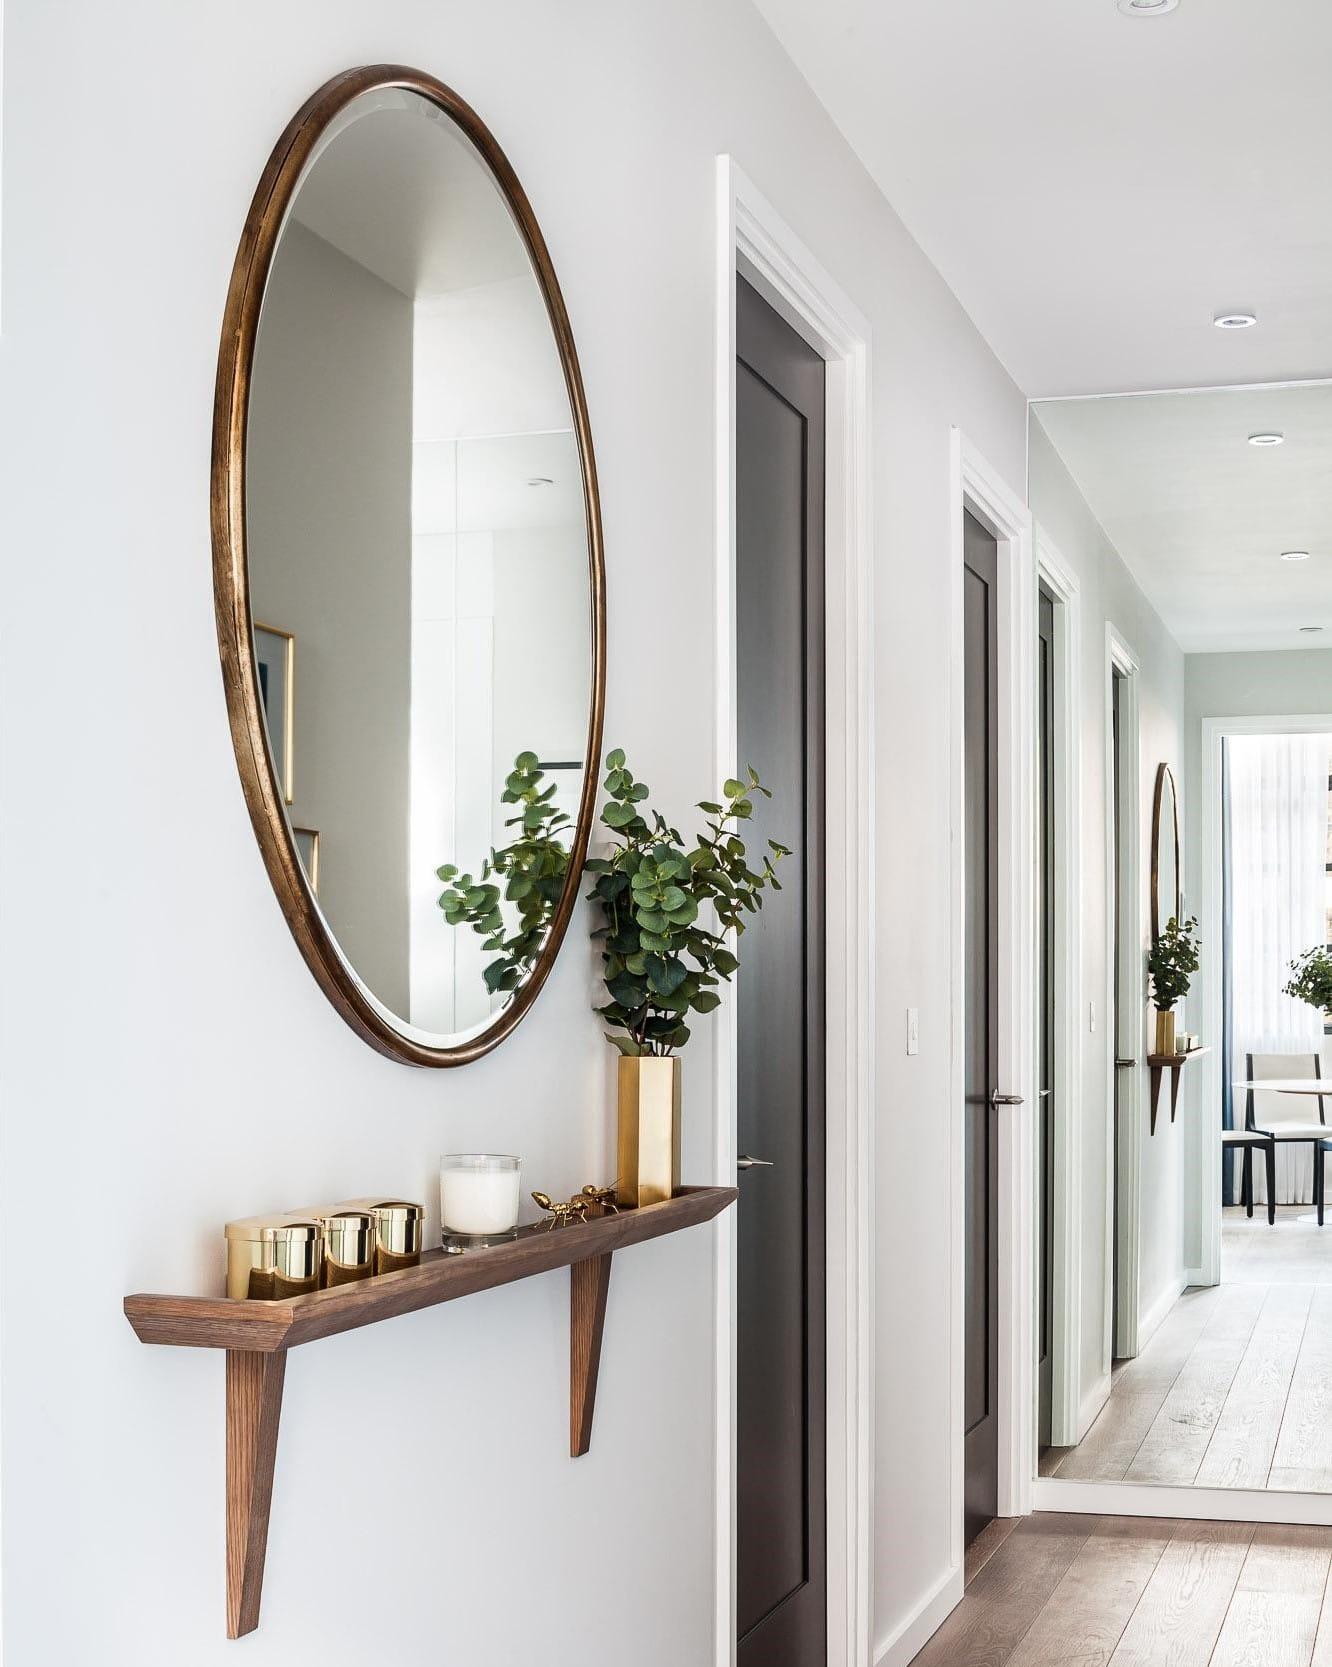 Espelhos-para-dar-amplitude-no-corredor